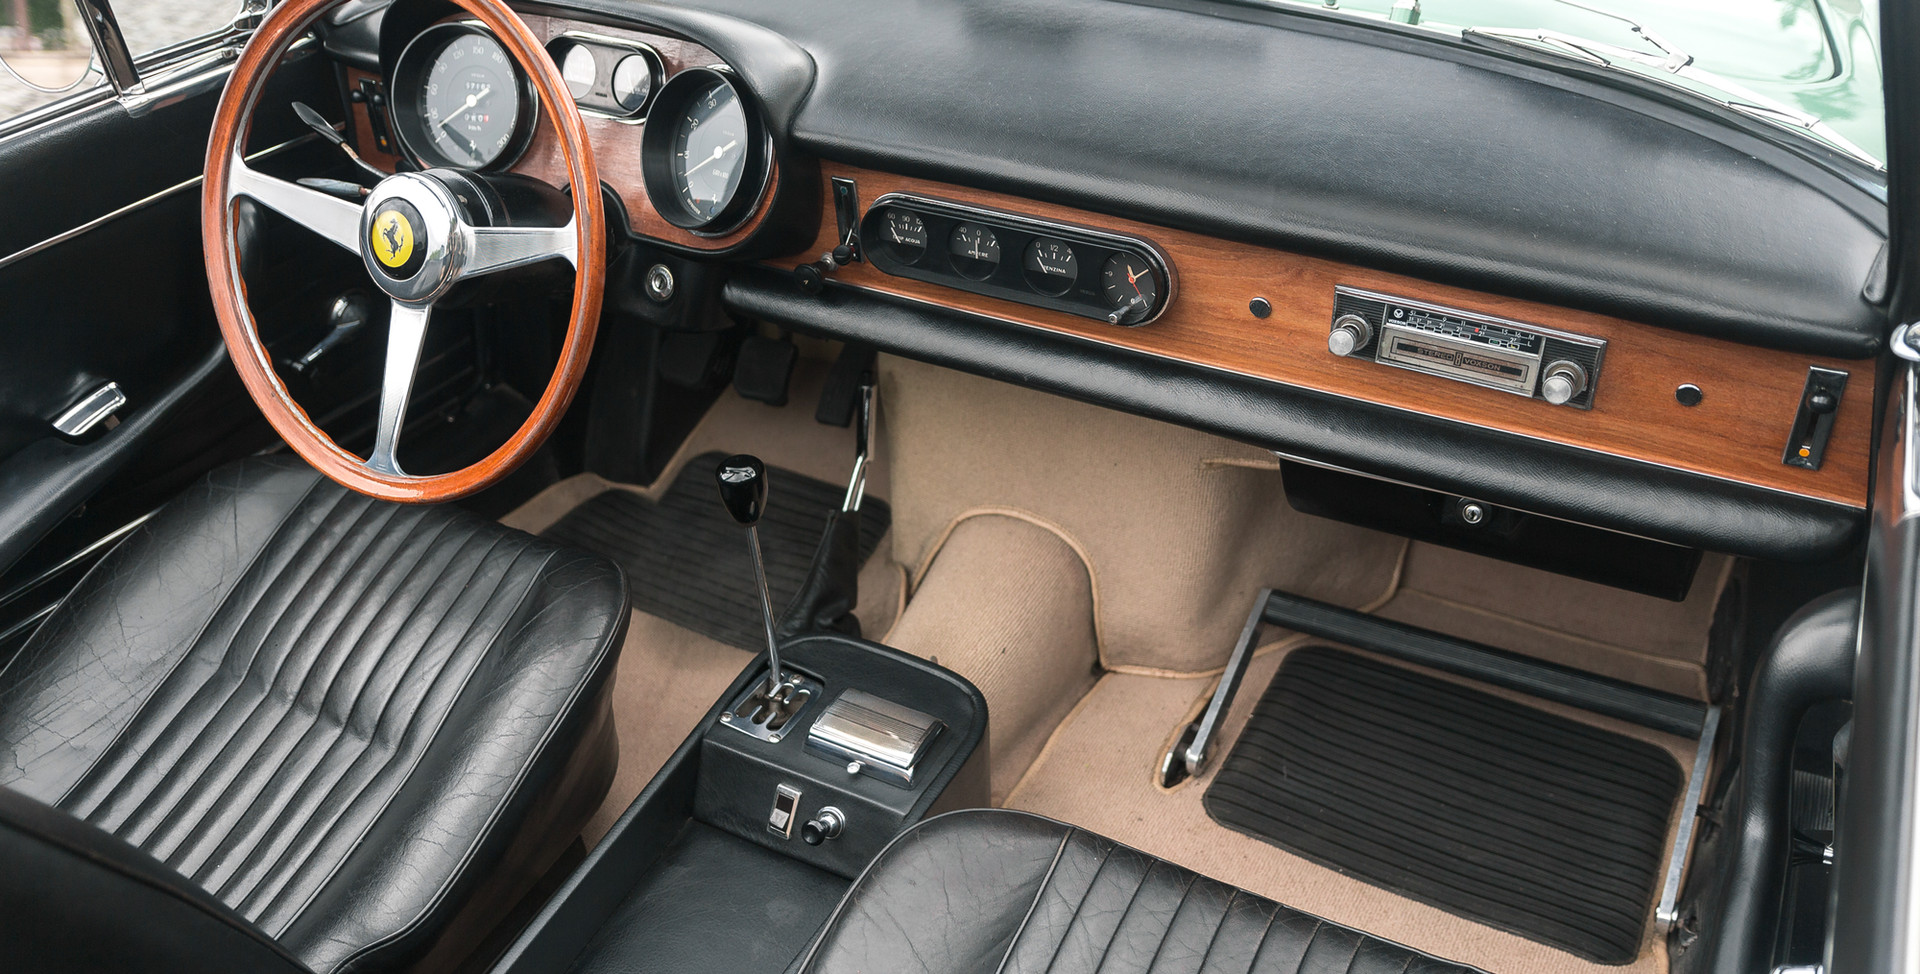 Ferrari_275_GTS_intérieur.jpg